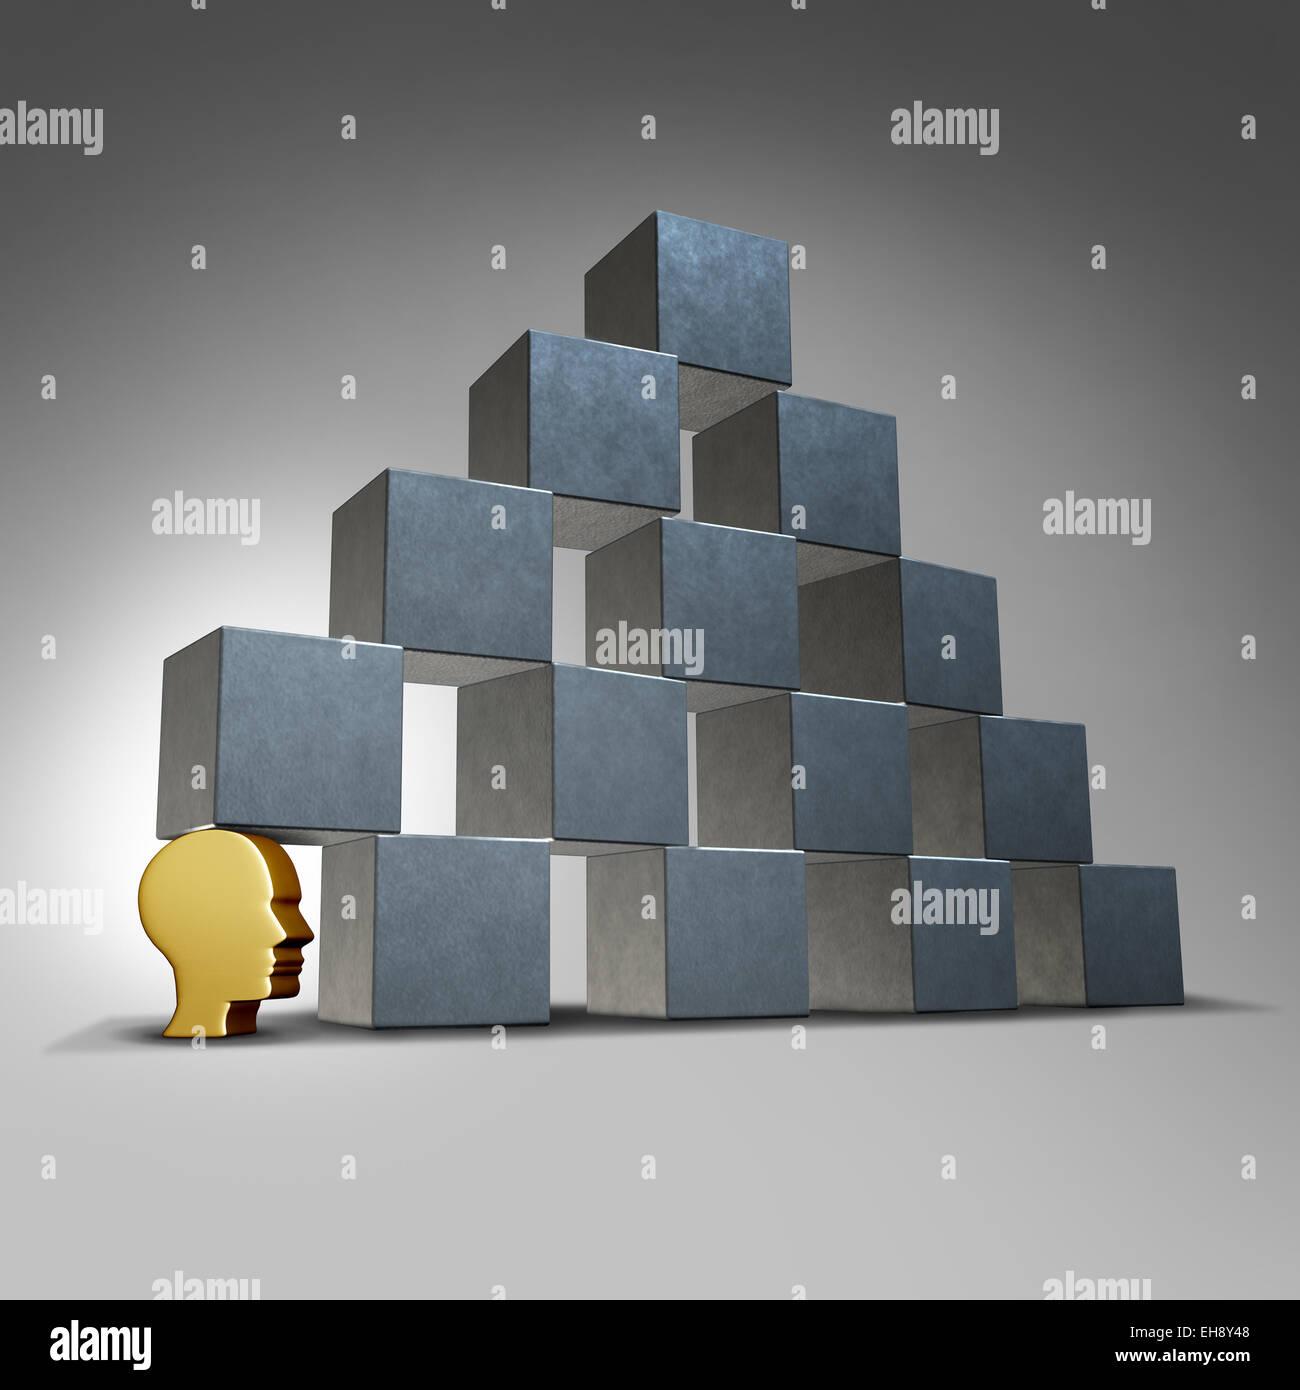 I servizi essenziali e fondamentale concetto di supporto come un icona di testa di supporto di un gruppo di blocchi Immagini Stock